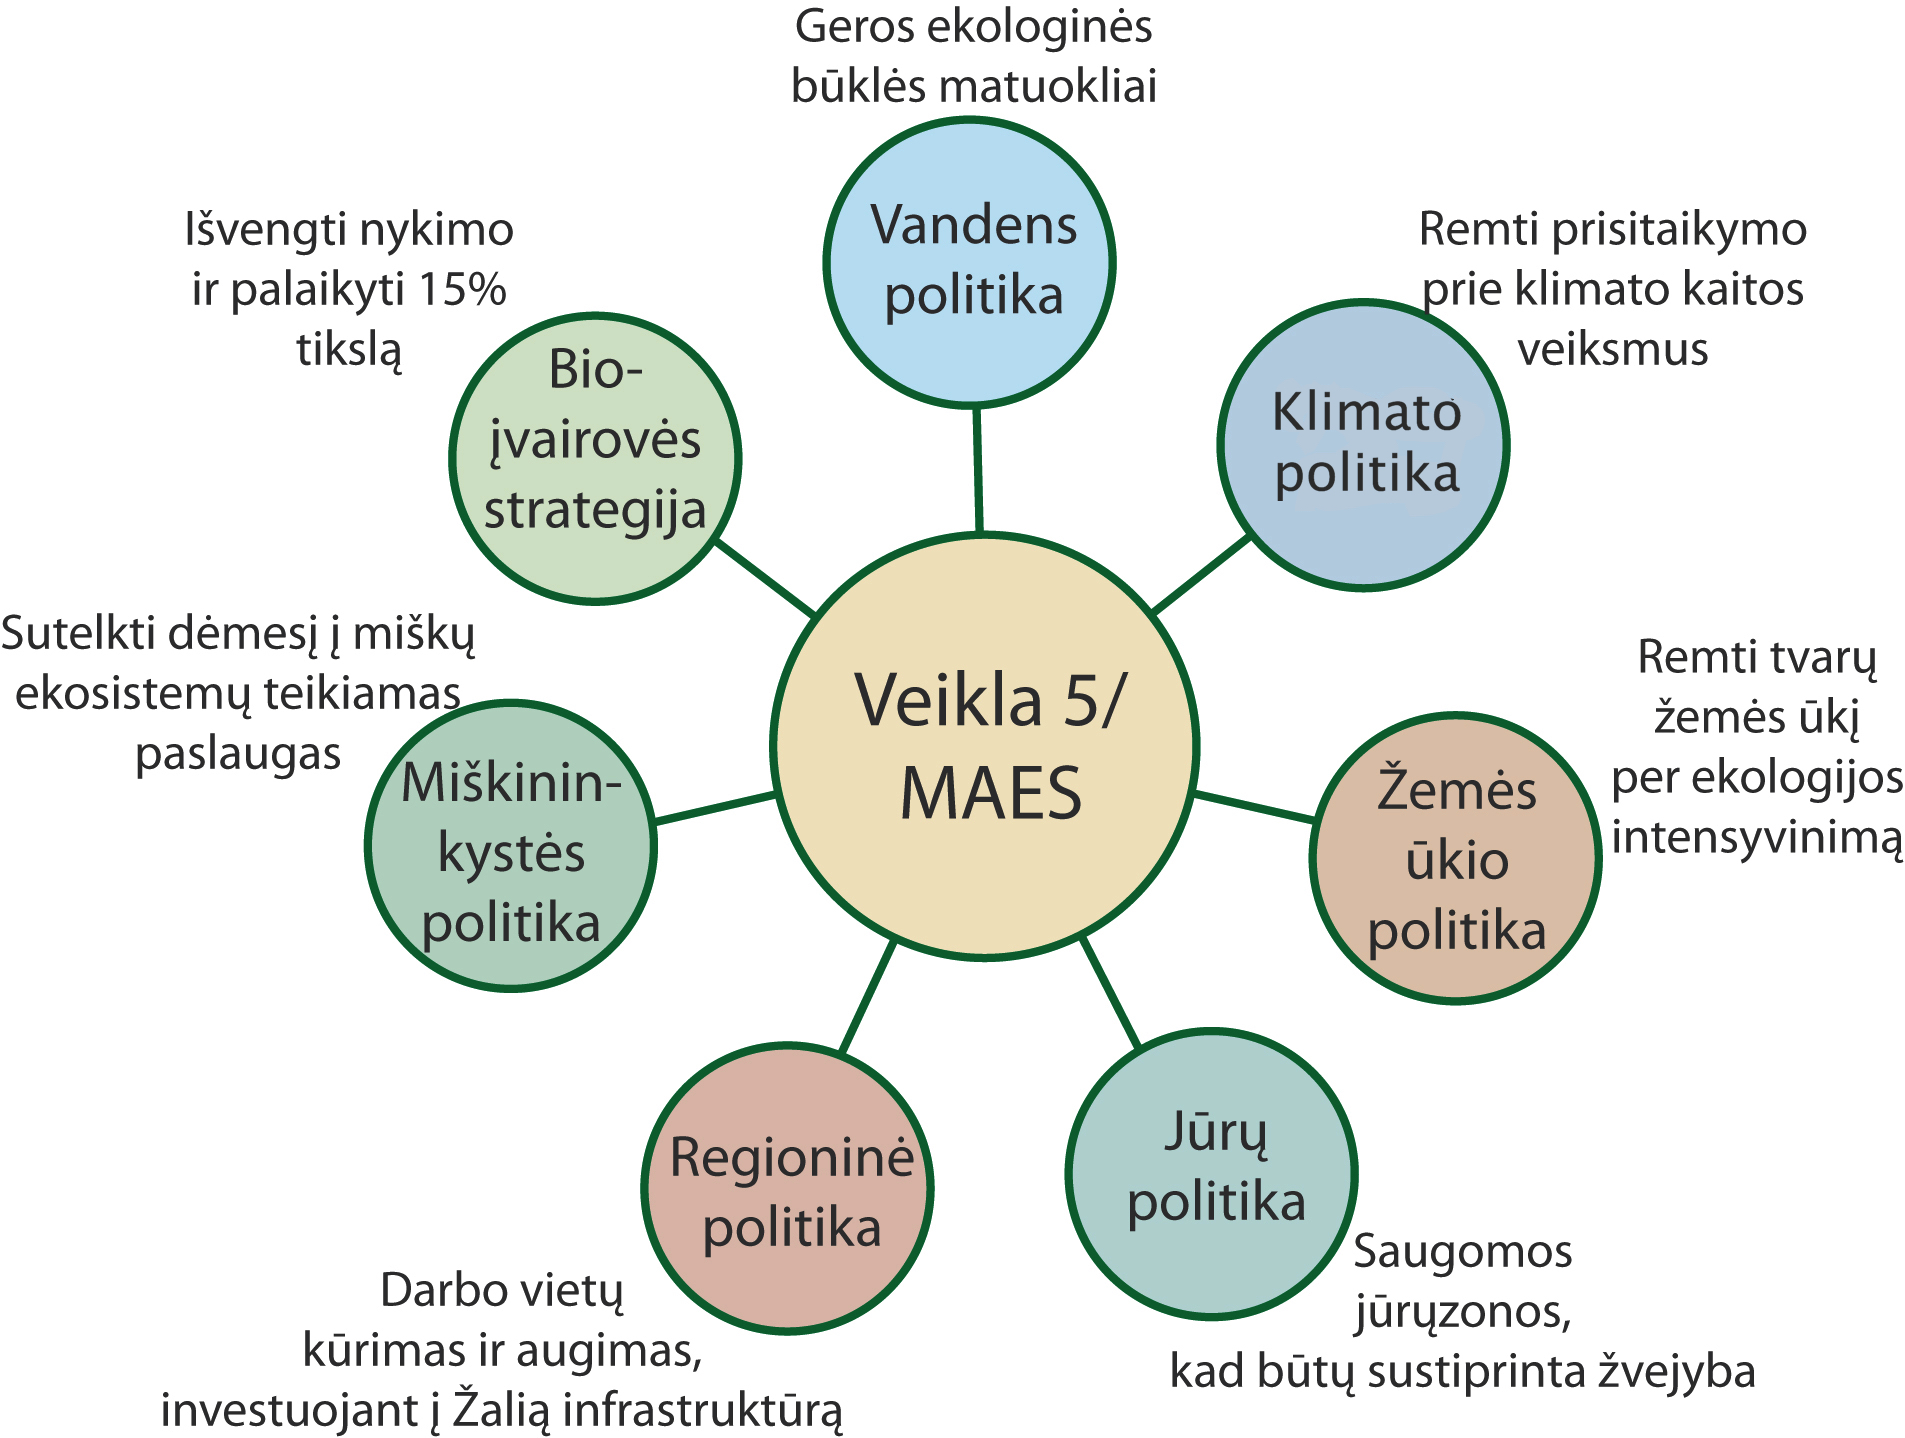 es biologinės įvairovės strategijos veiksmas 5